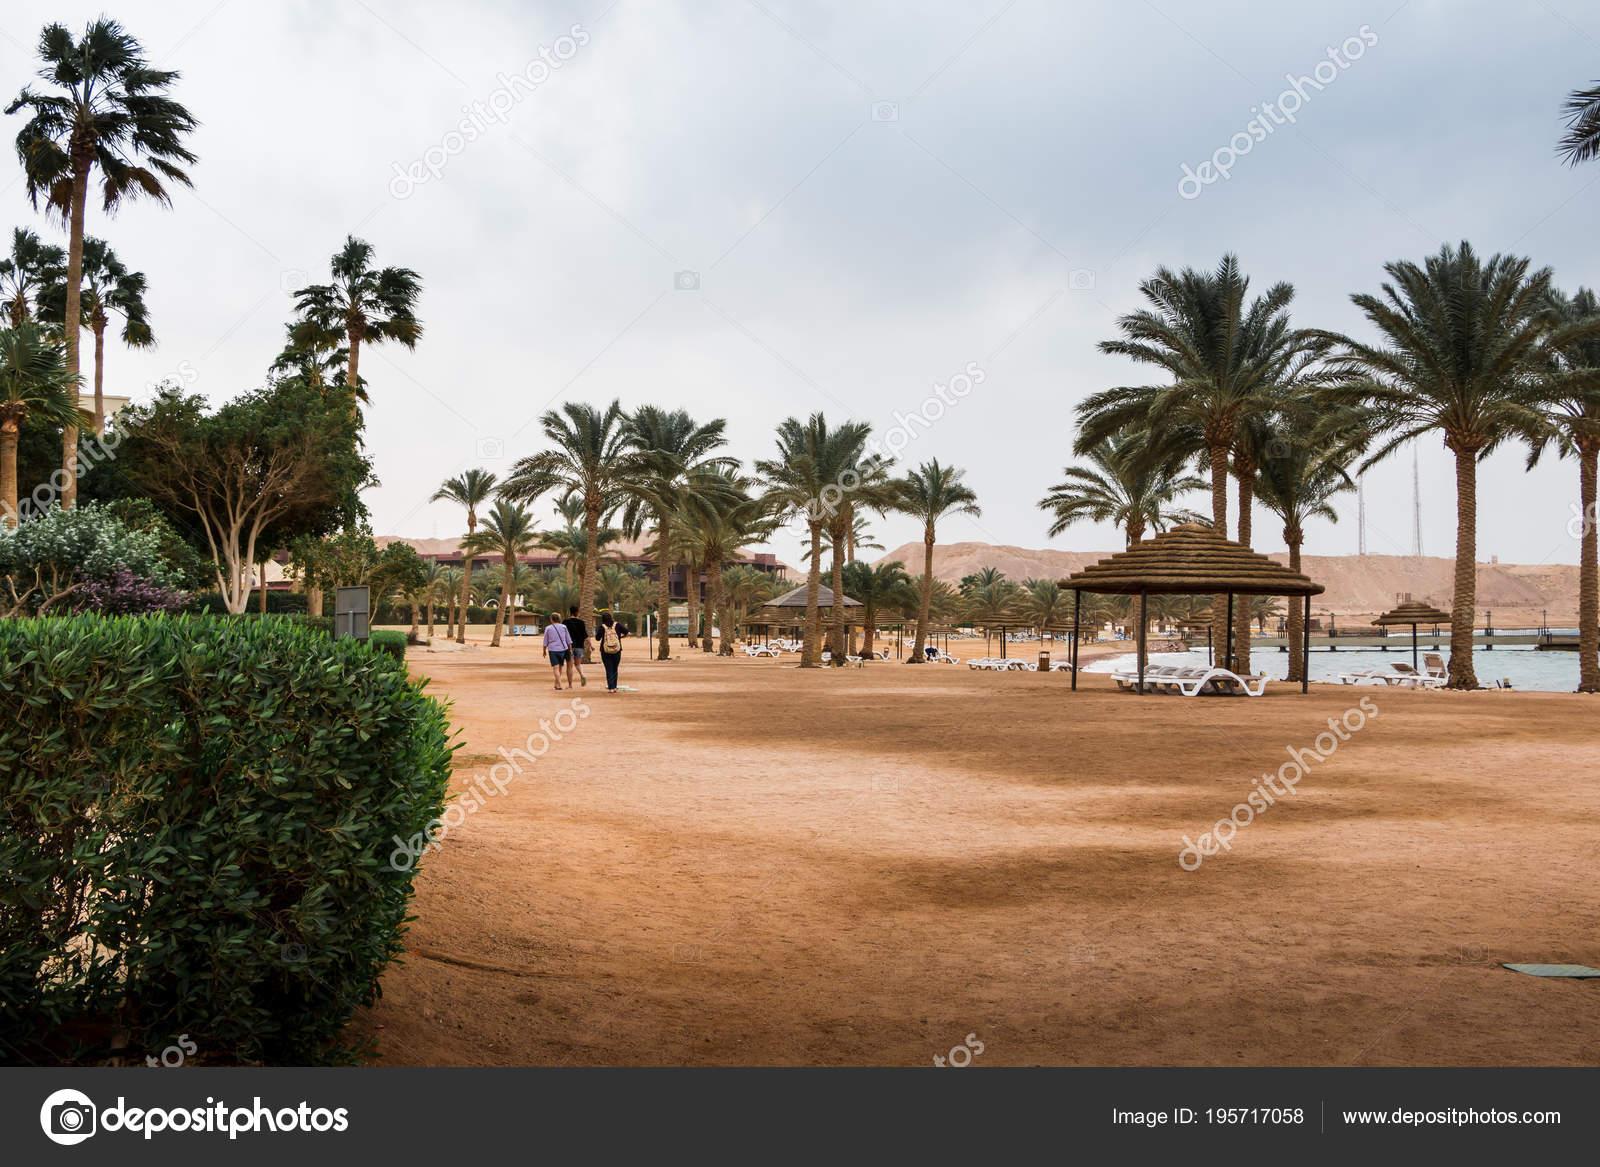 bech com palmeiras e guarda chuvas em um dia nublado e ventoso